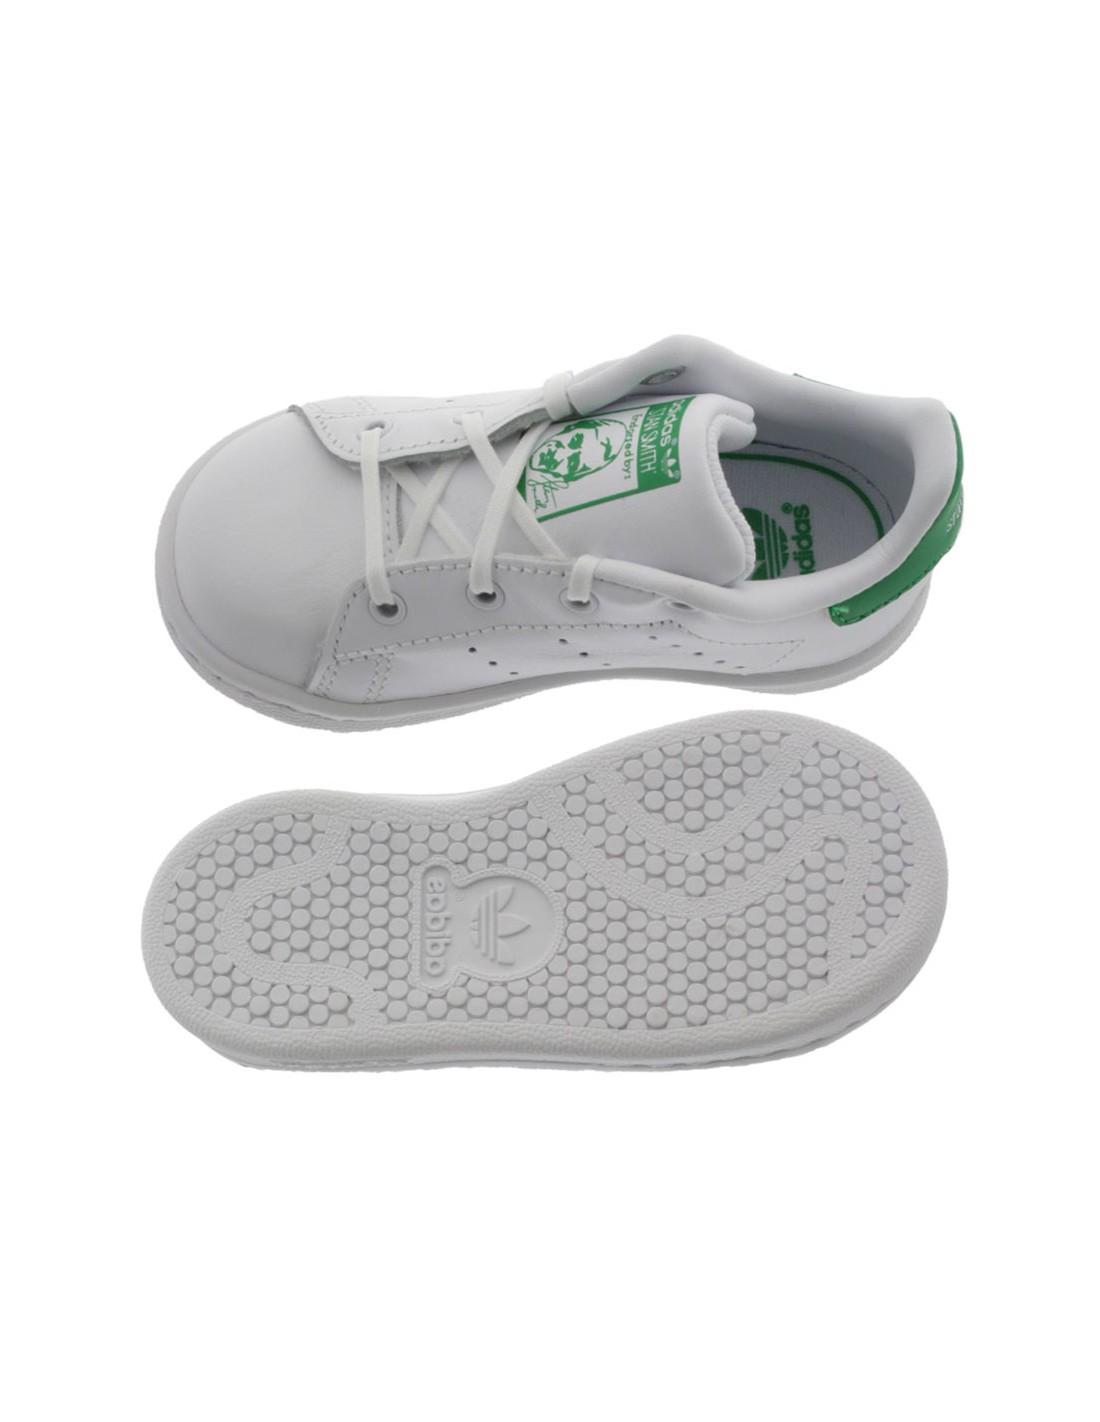 Scarpe Adidas Stan Smith bambino primi passi bianco e fucsia